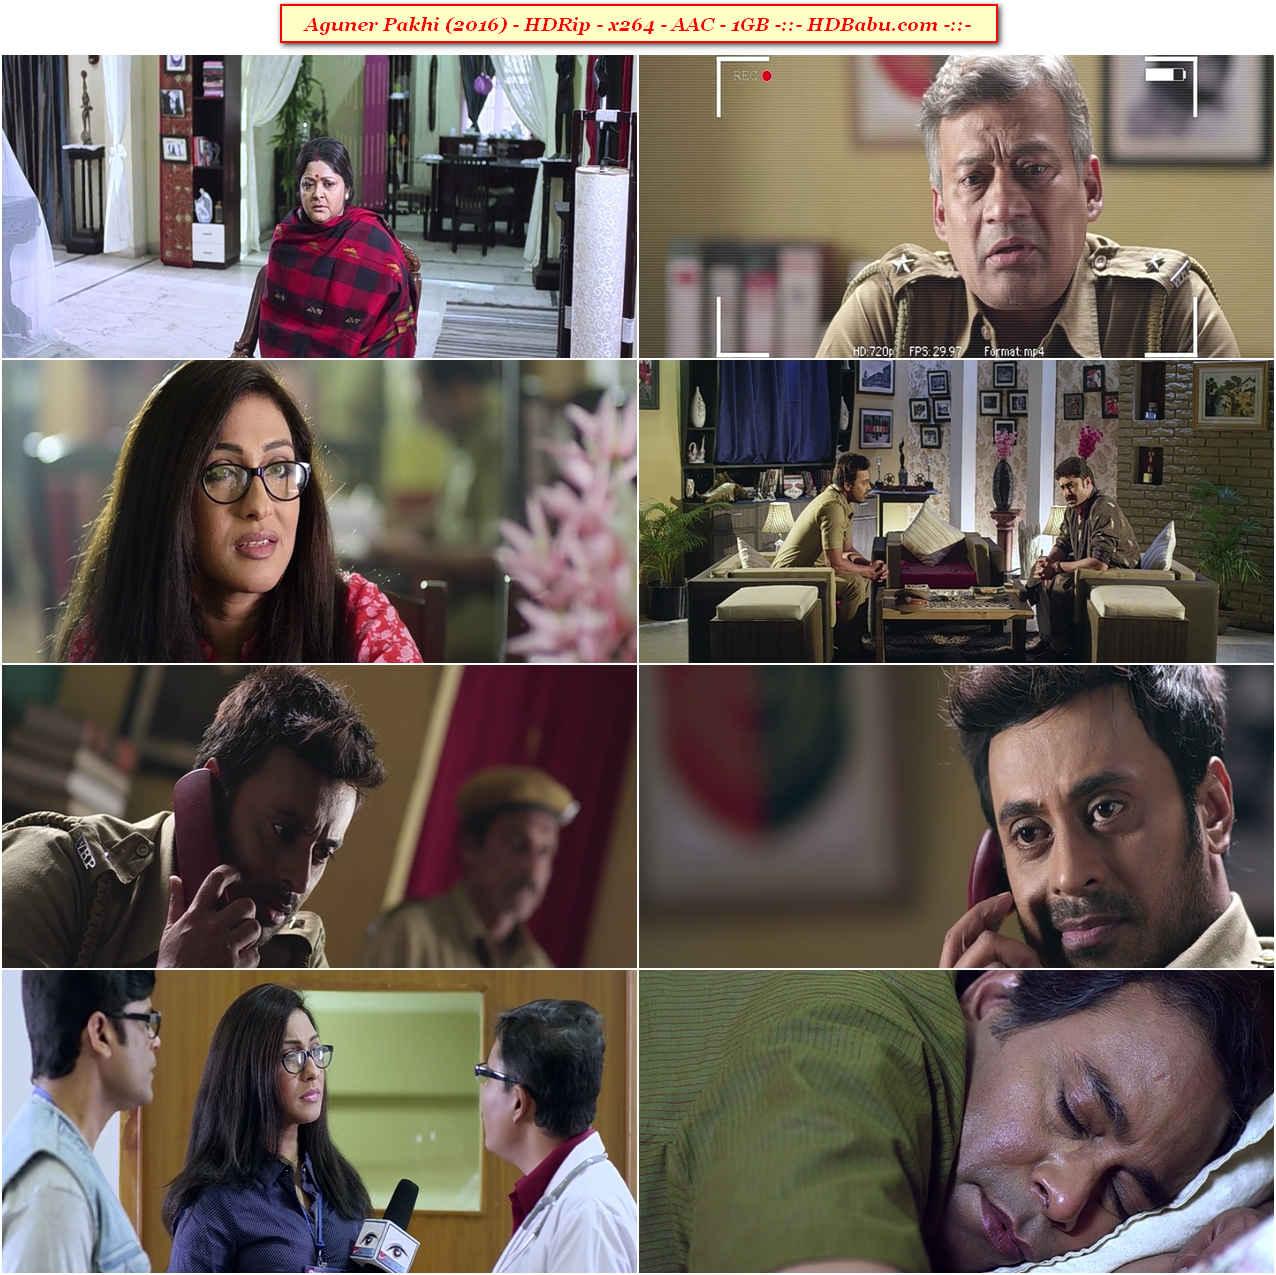 Aguner Pakhi Full Movie Download